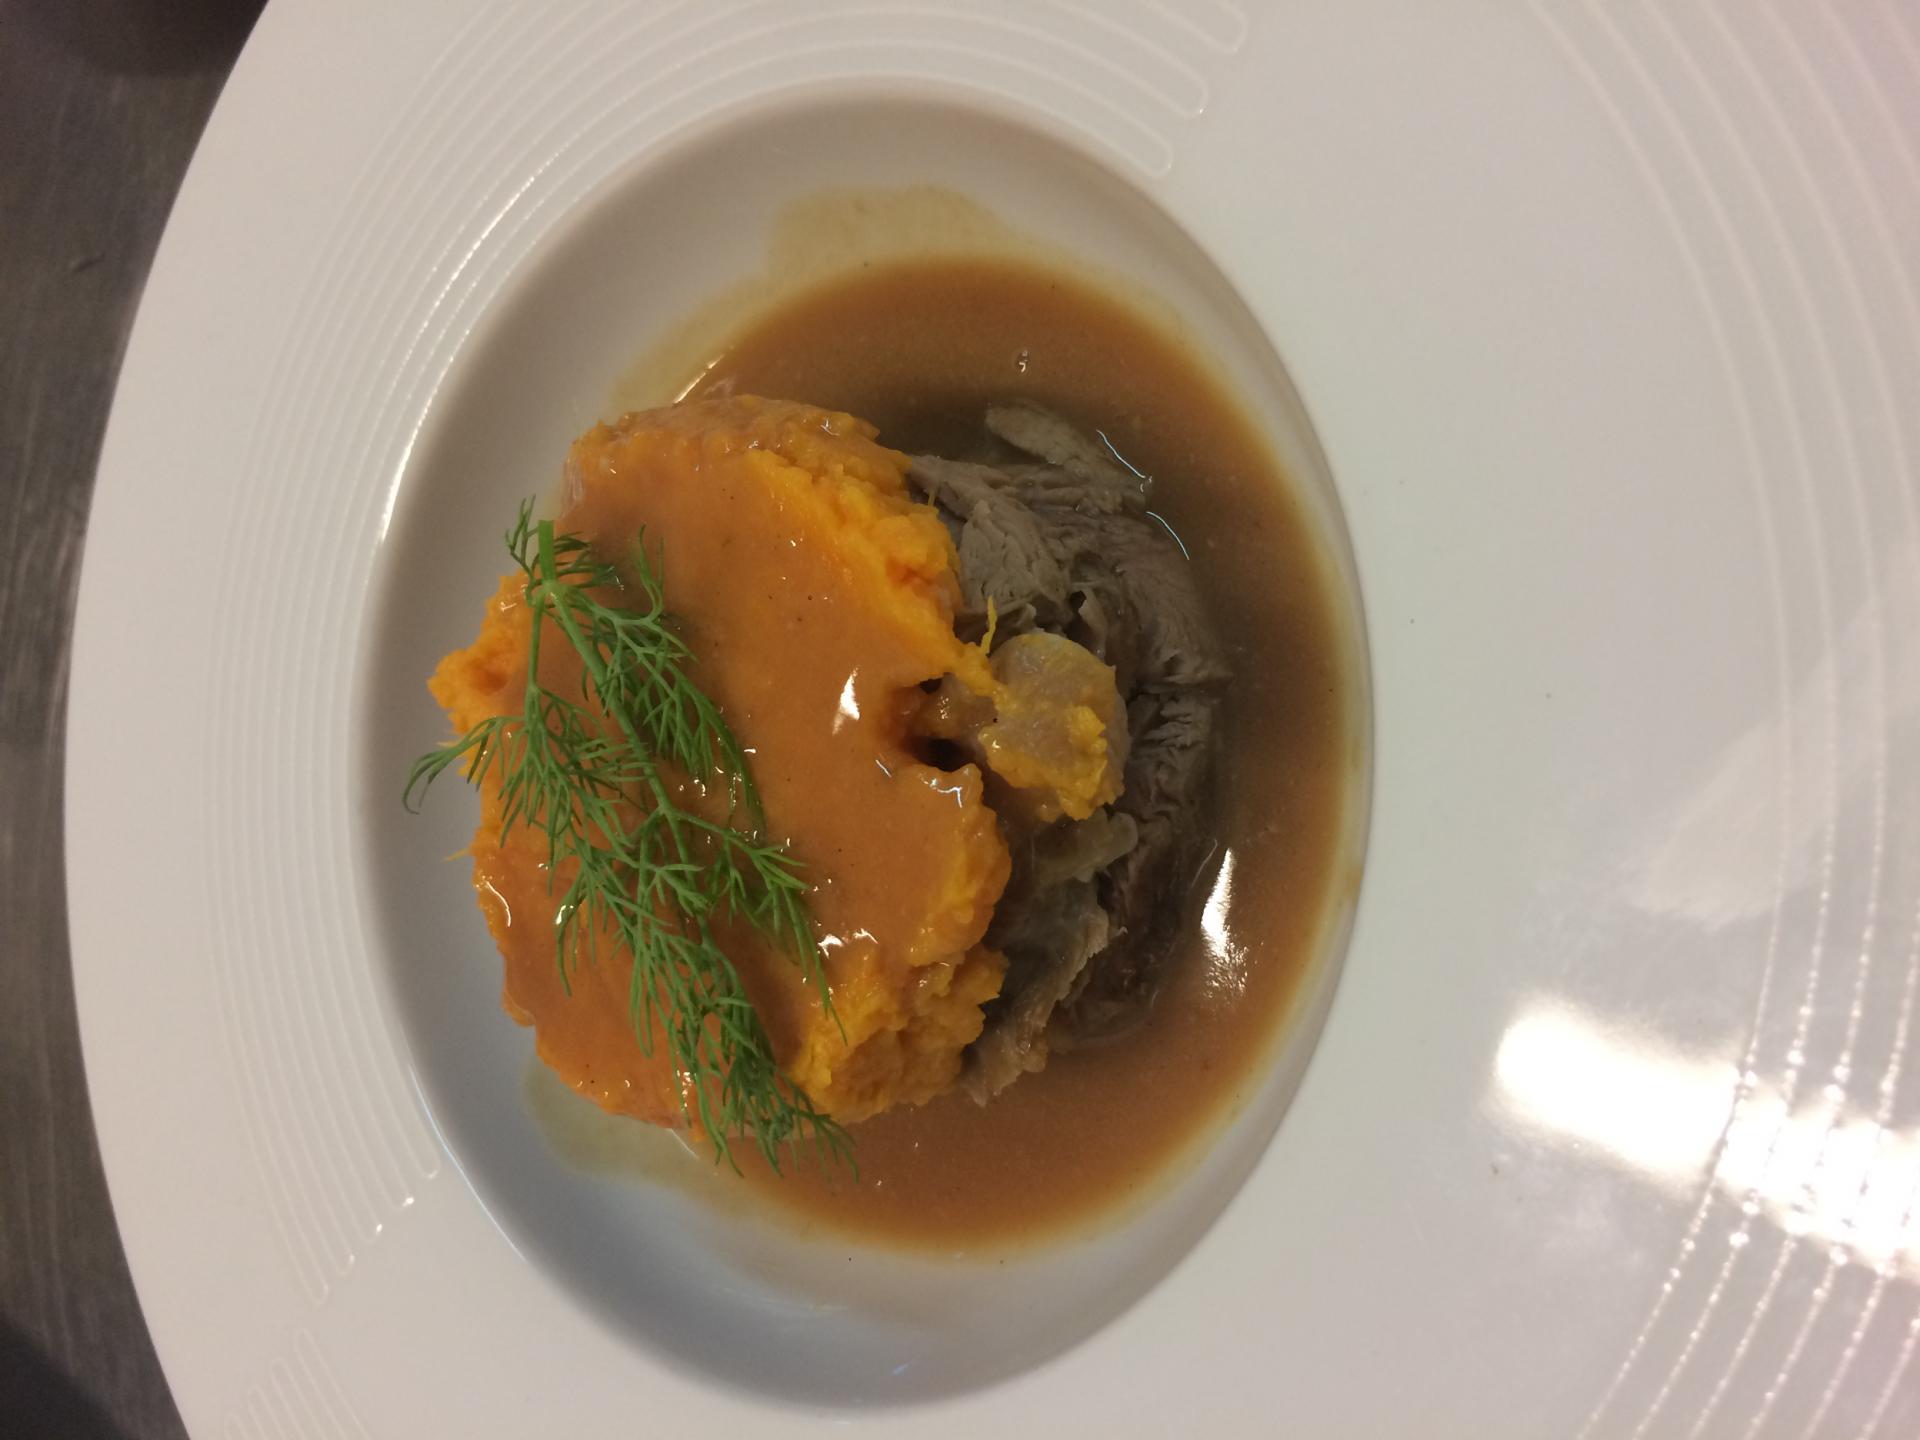 Paleron de veau confit au foie gras, poêlé de patate douce